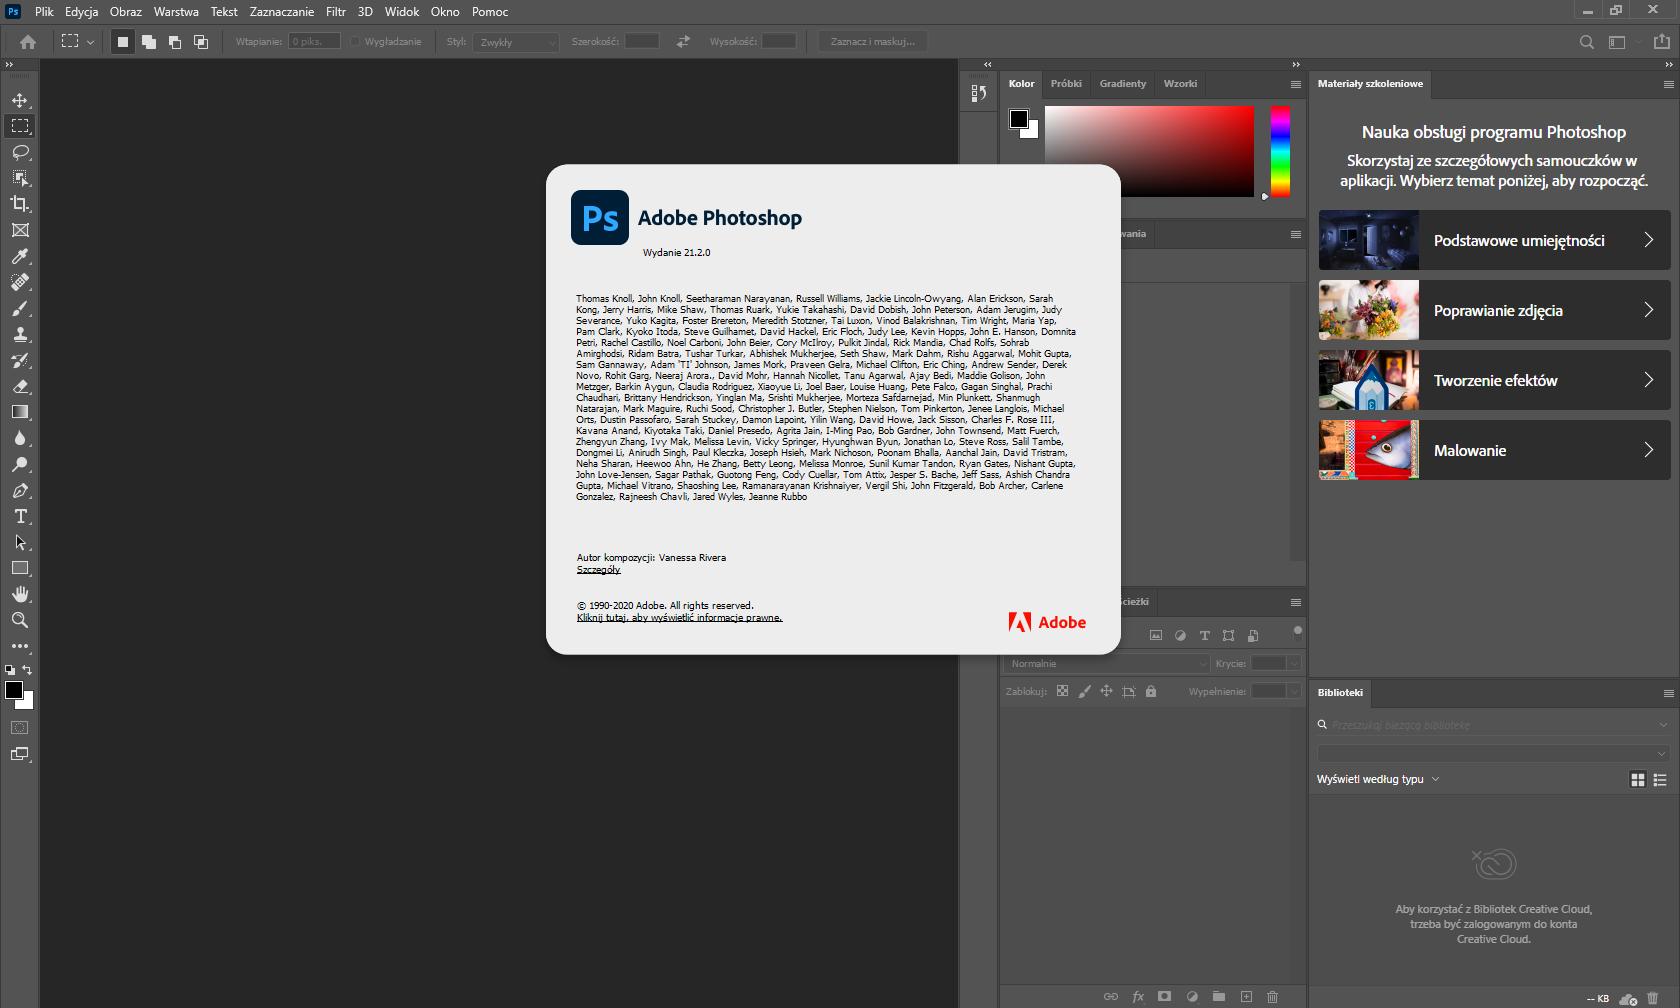 Adobe premiere pro cc crack dll files